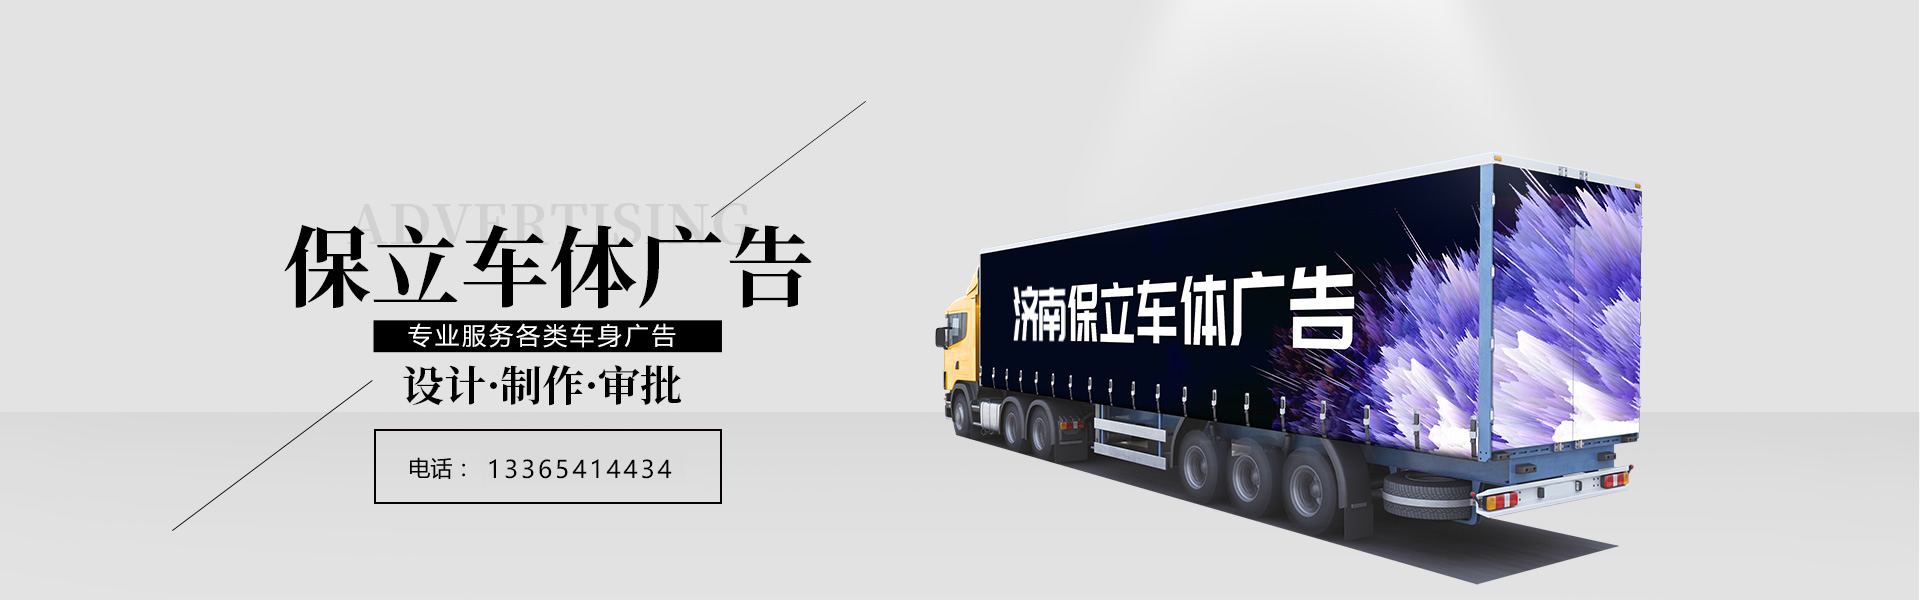 济南车体广告